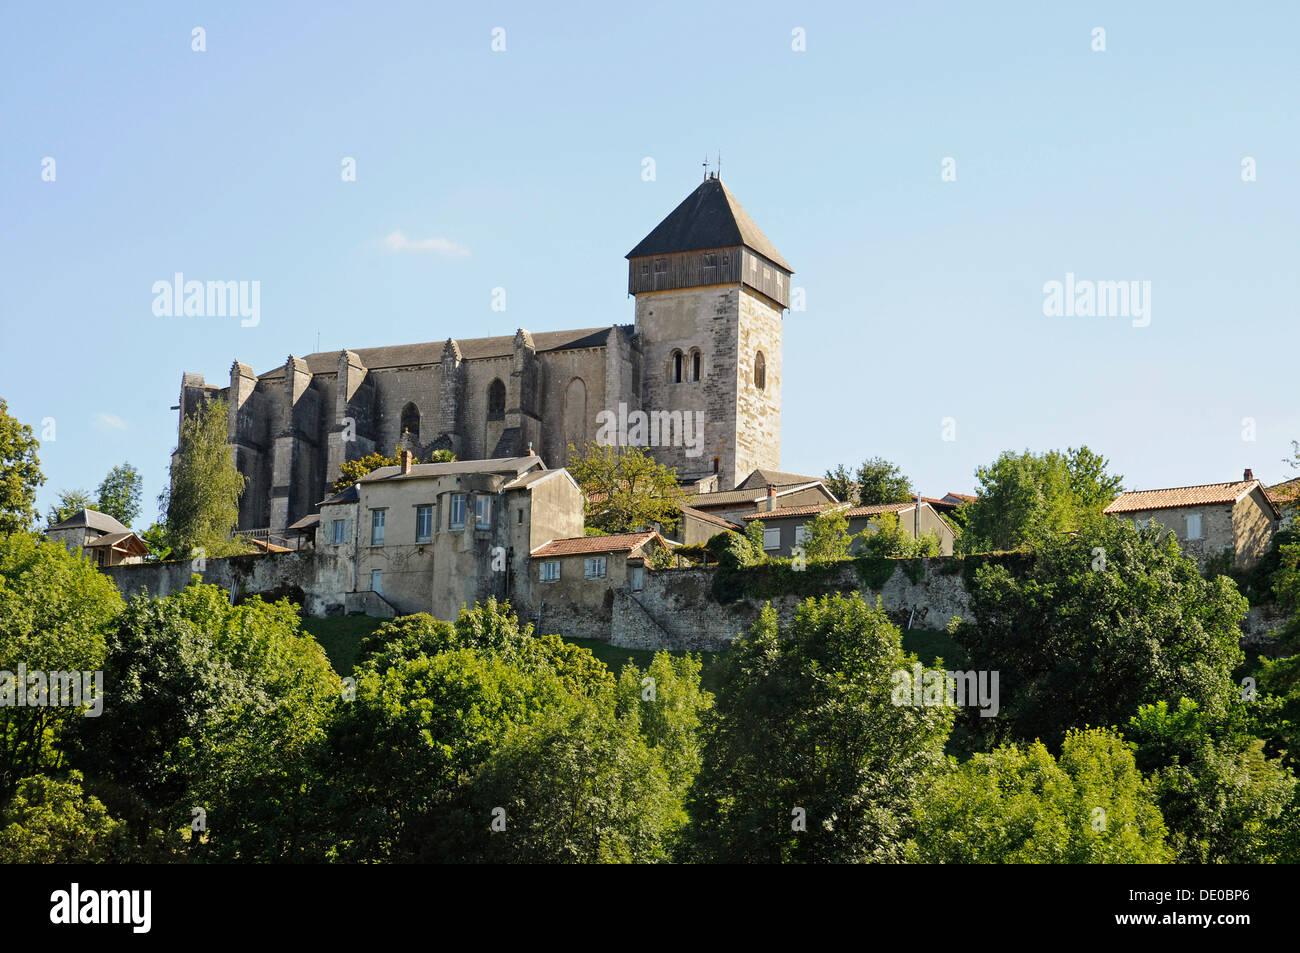 Notre Dame Cathedral, Way of St. James, Camino de Santiago trail, Saint-Bertrand-de-Comminges, Midi-Pyrénées, Pyrenees - Stock Image